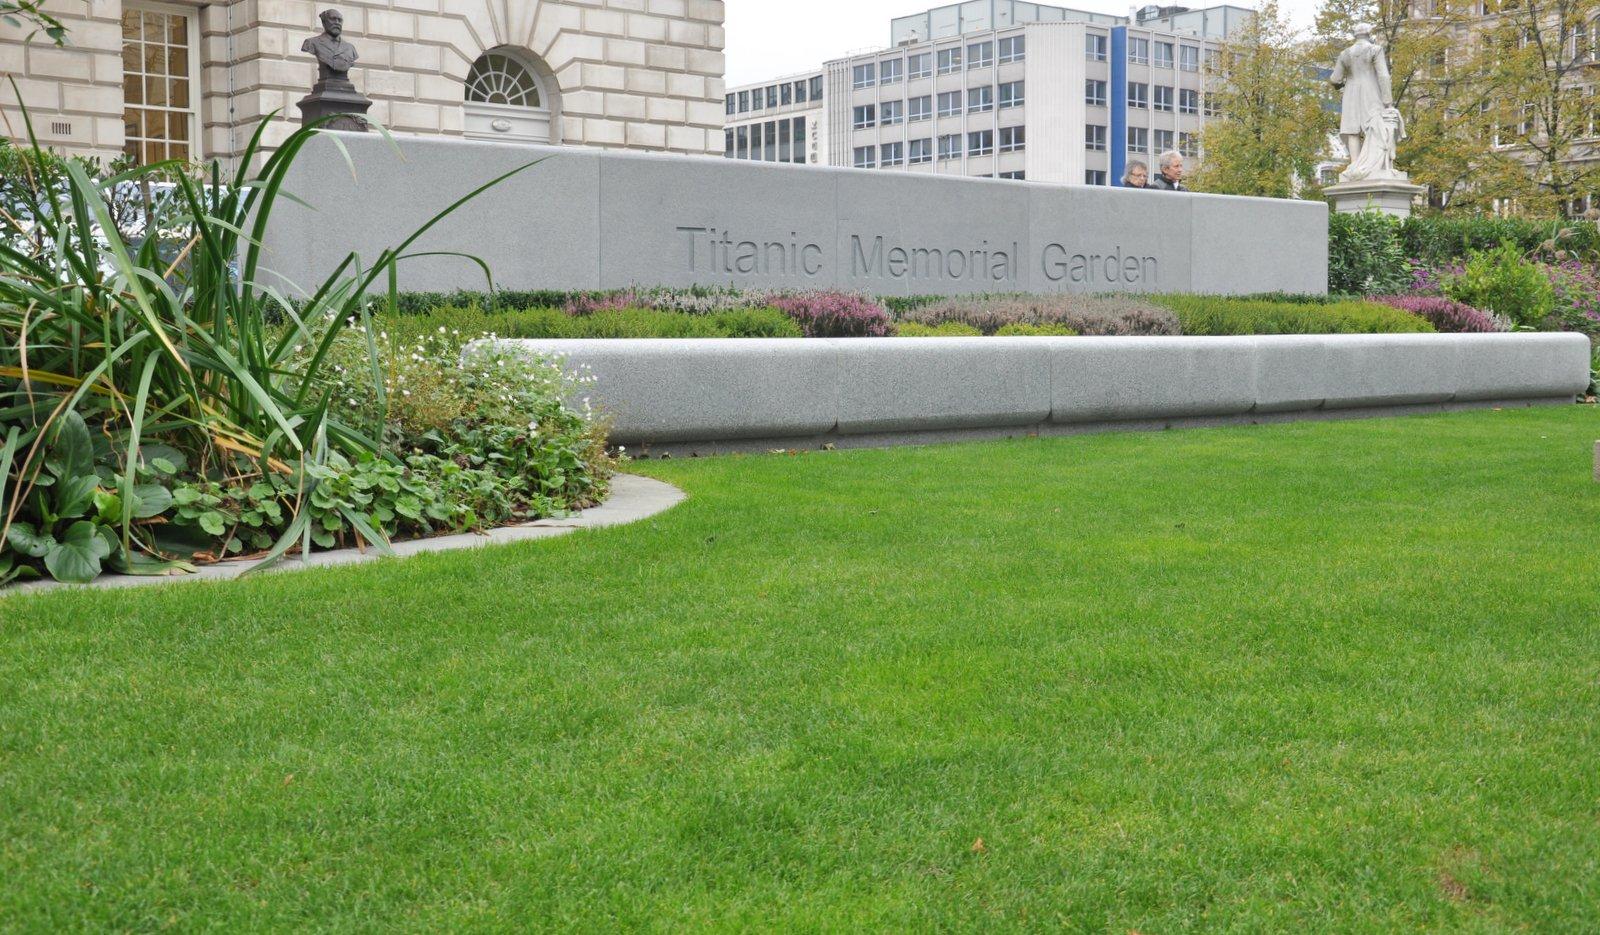 Memorial en l'honneur des victimes du Titanic, devant l'Hôtel de ville de Belfast